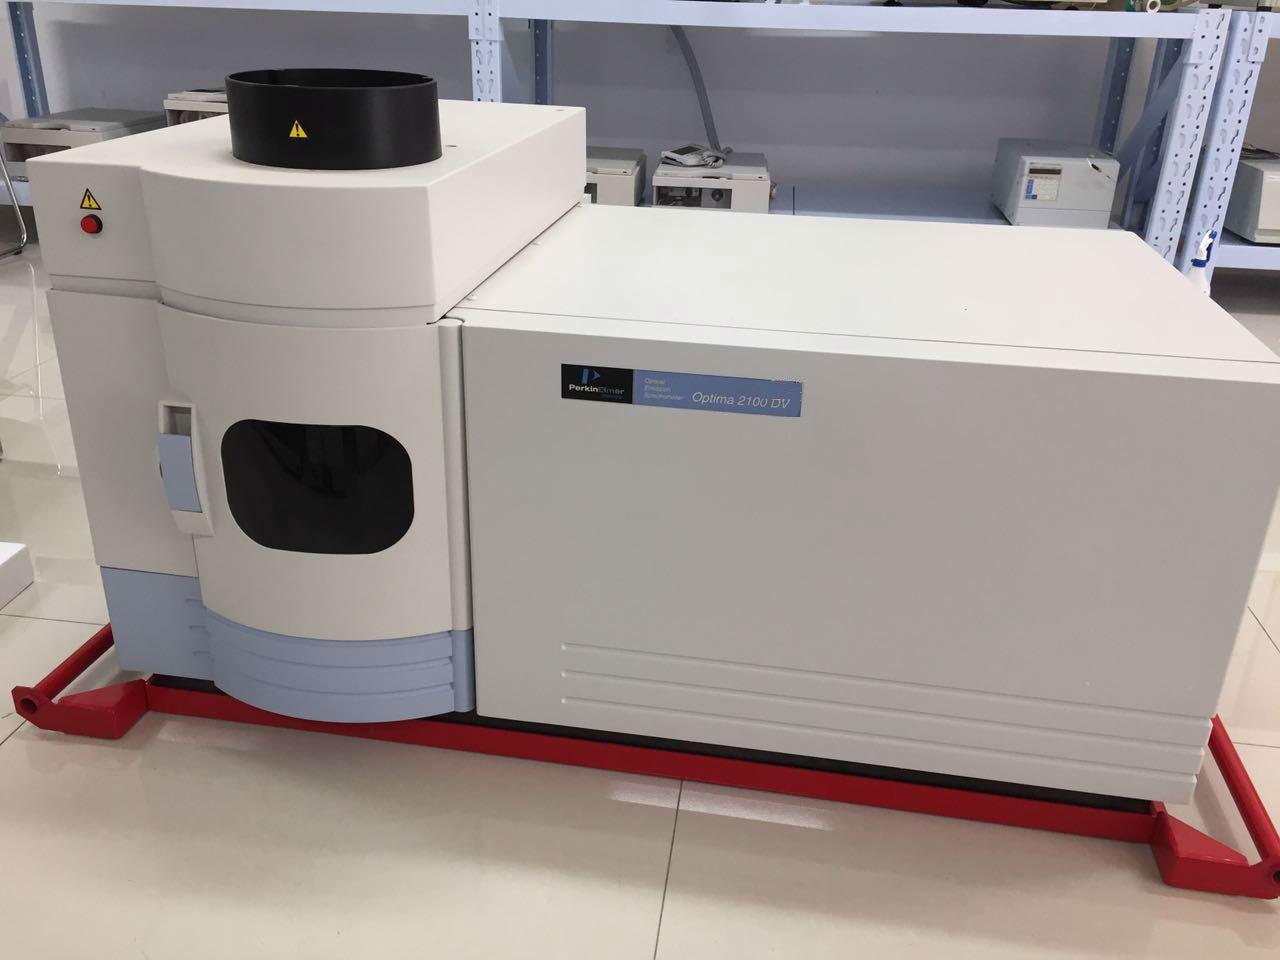 厂家直供二手色谱仪,谱质专业二手分析仪器生产商